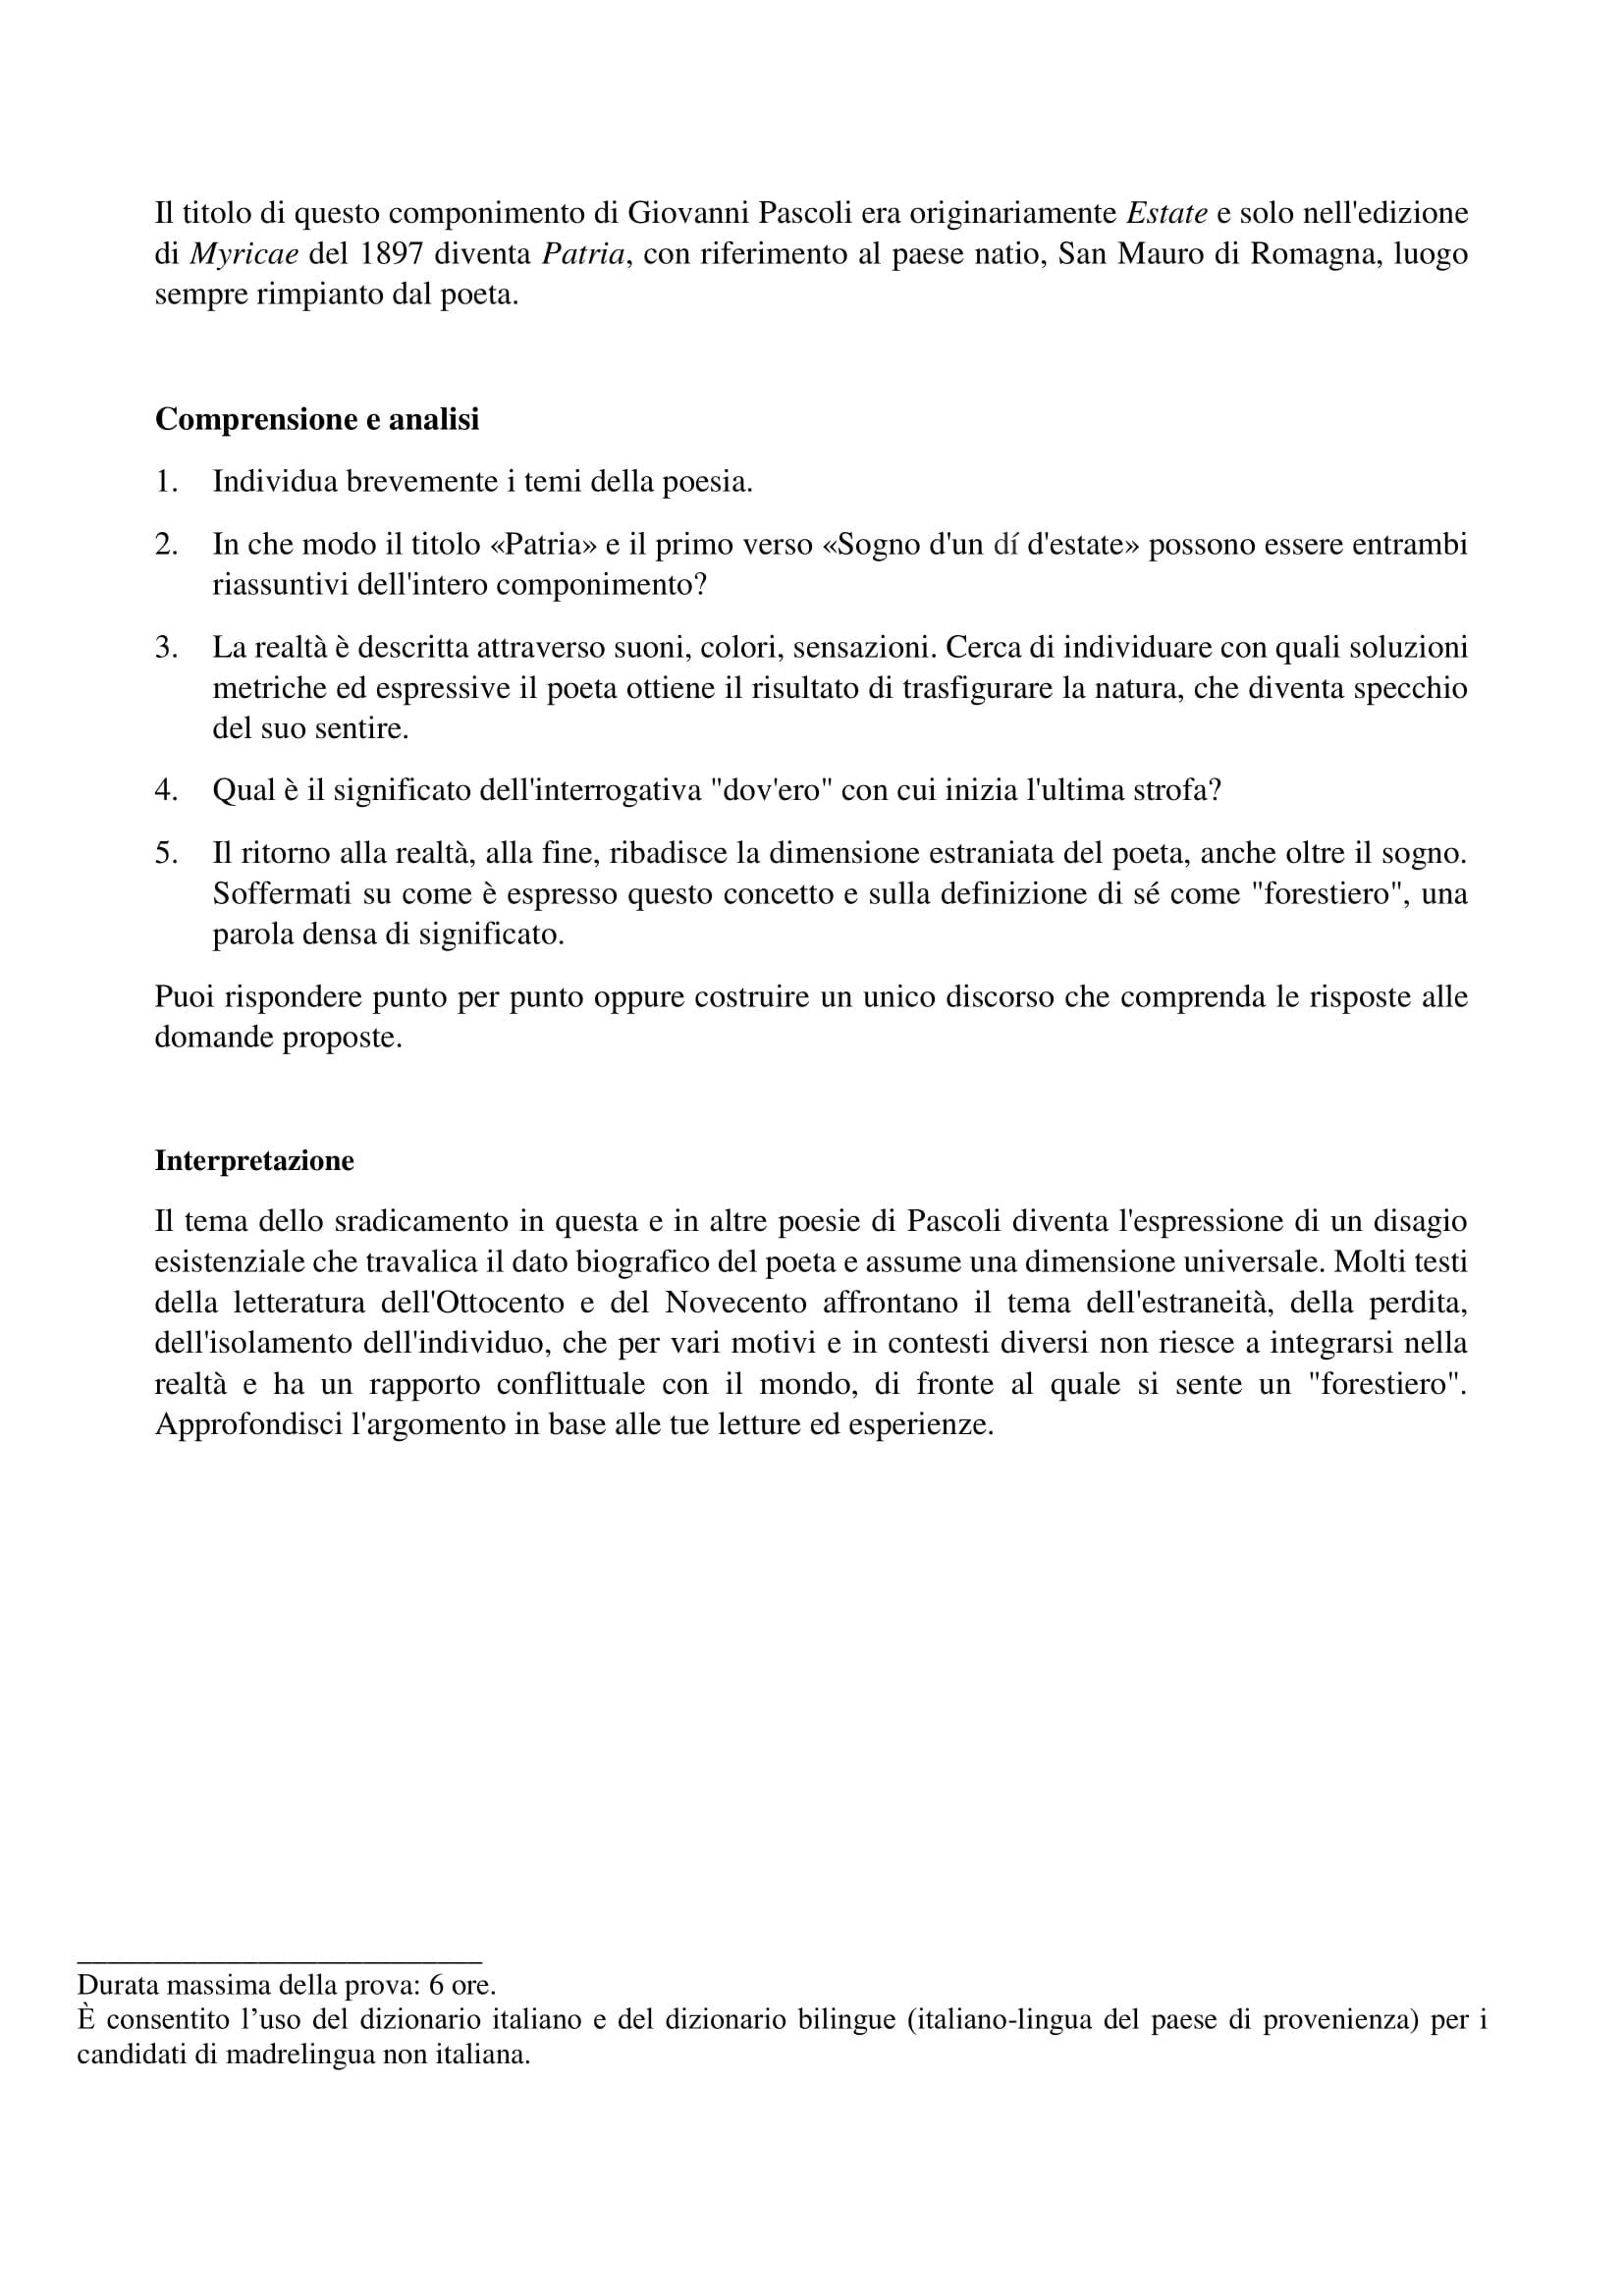 Patria di Giovanni Pascoli - Traccia svolta